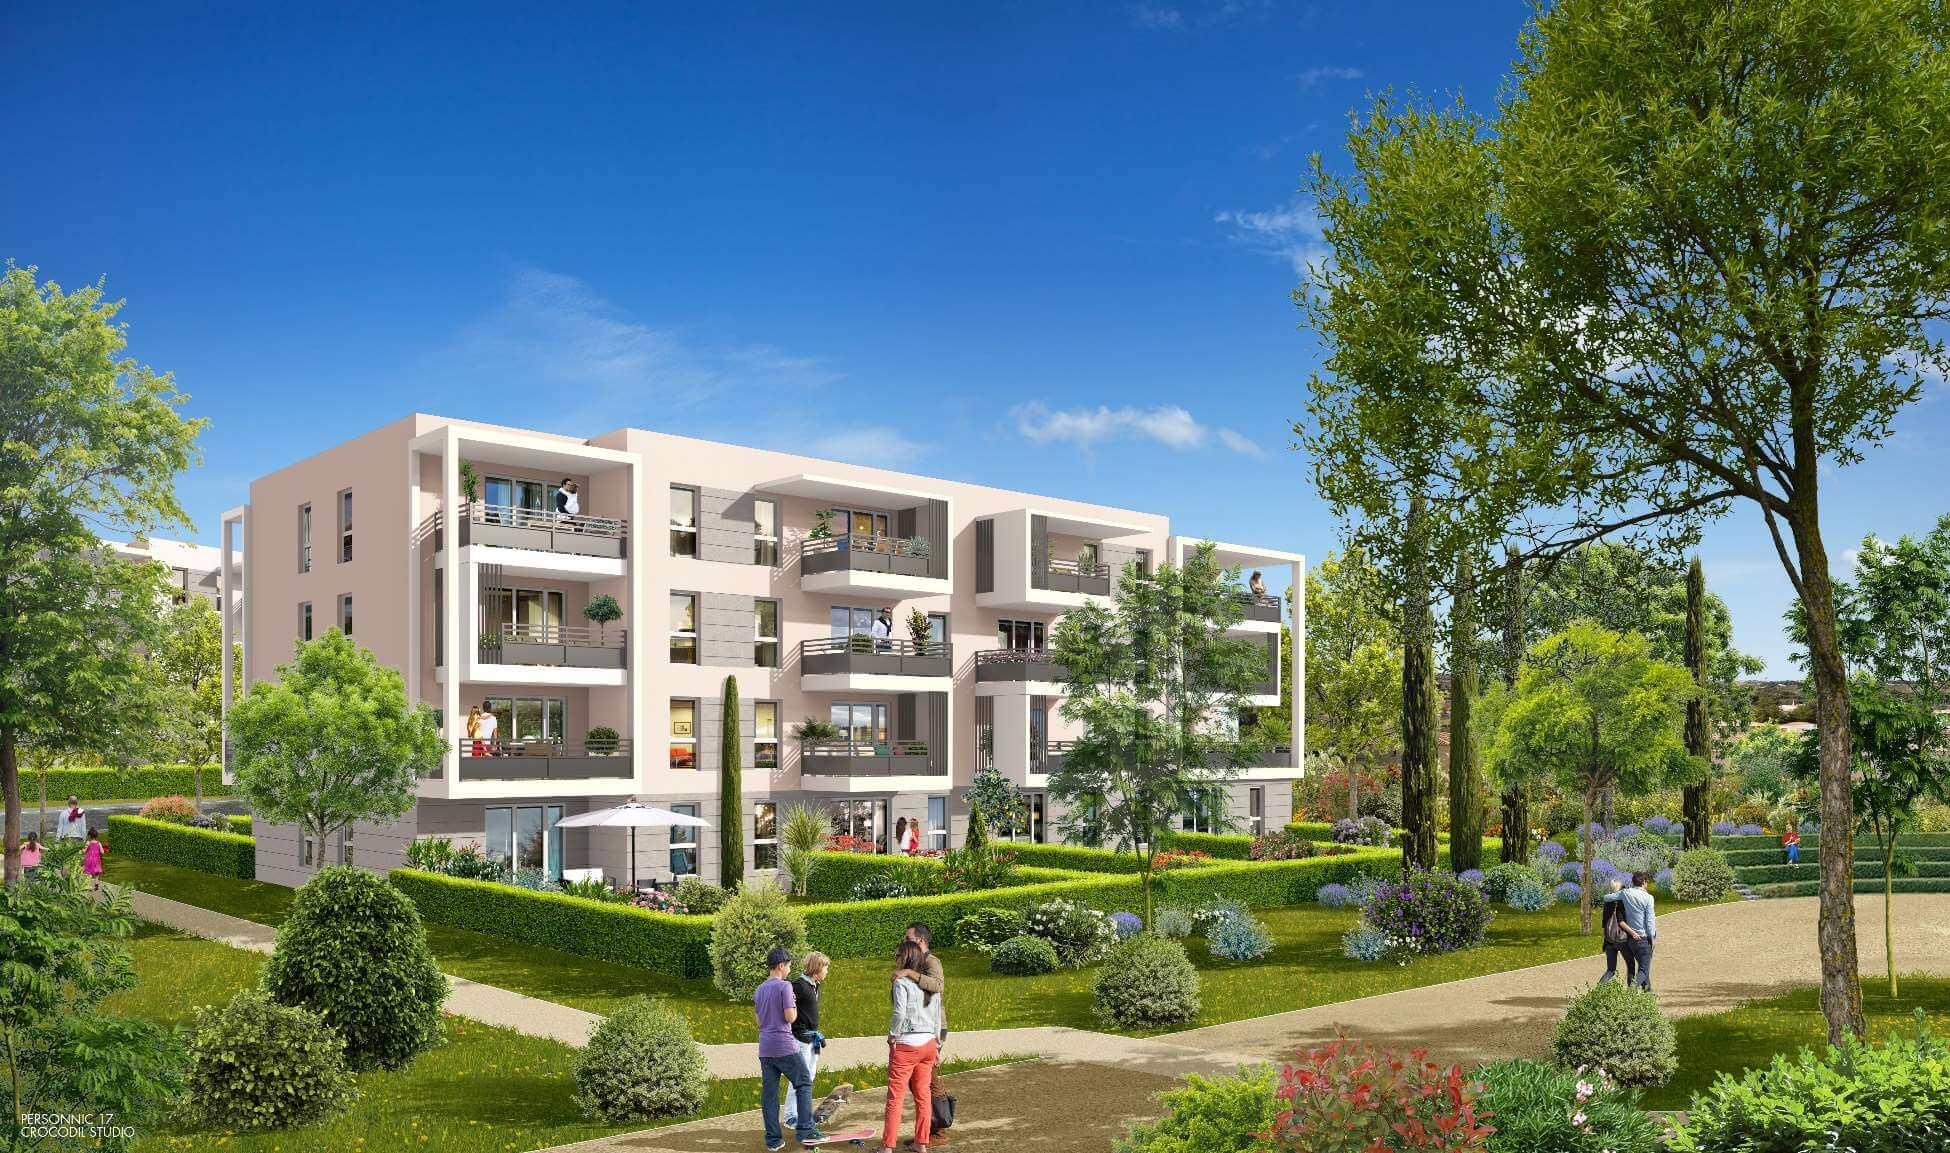 Programme neuf sur vitrolles en avant premiere logement t2 for Avant premiere immobilier neuf